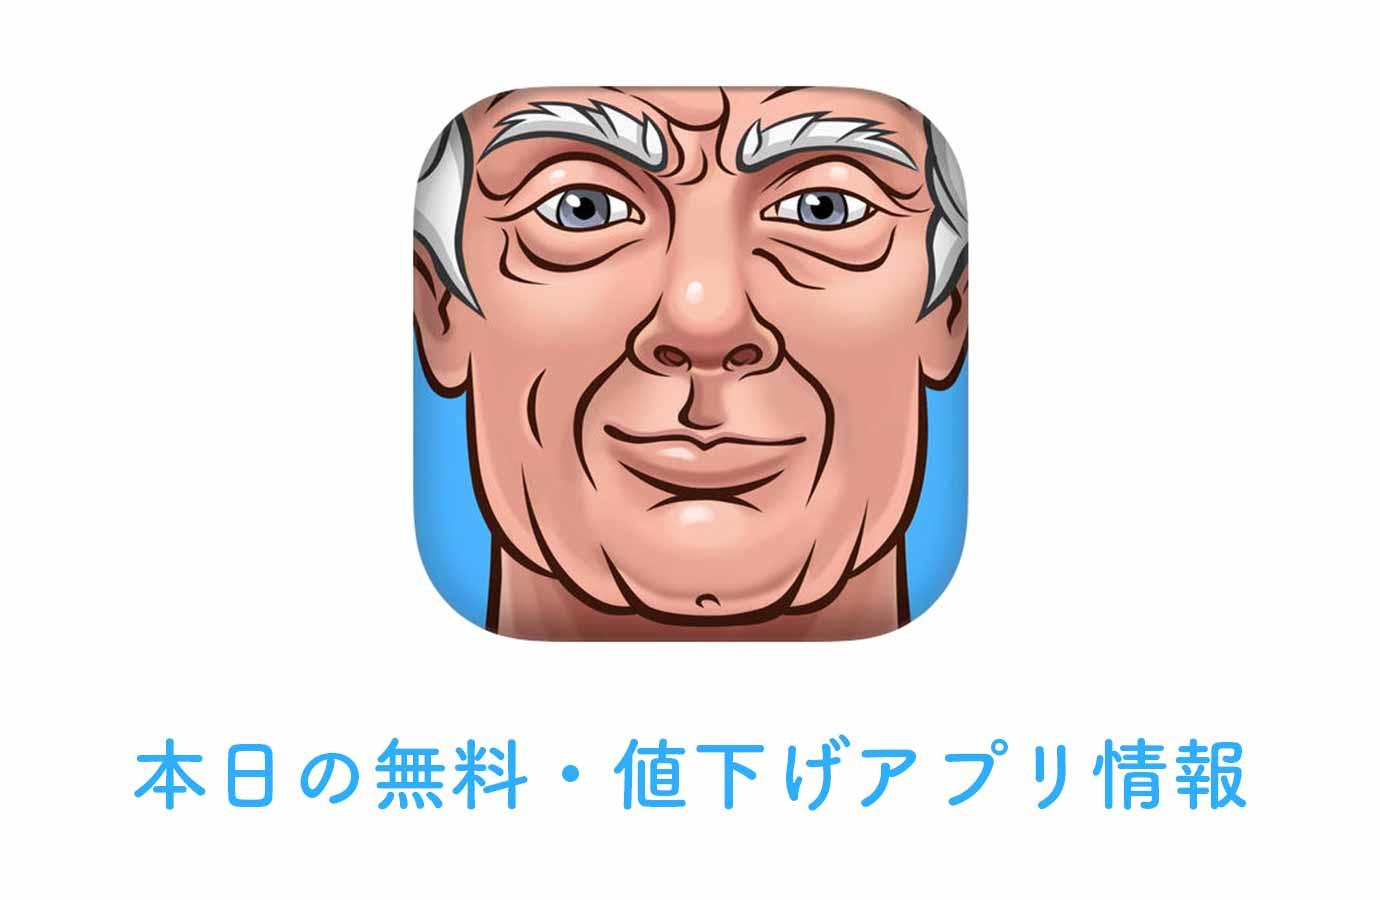 120円→無料、顔写真を老けさせることができる「Oldify」など【7/5】本日の無料・値下げアプリ情報